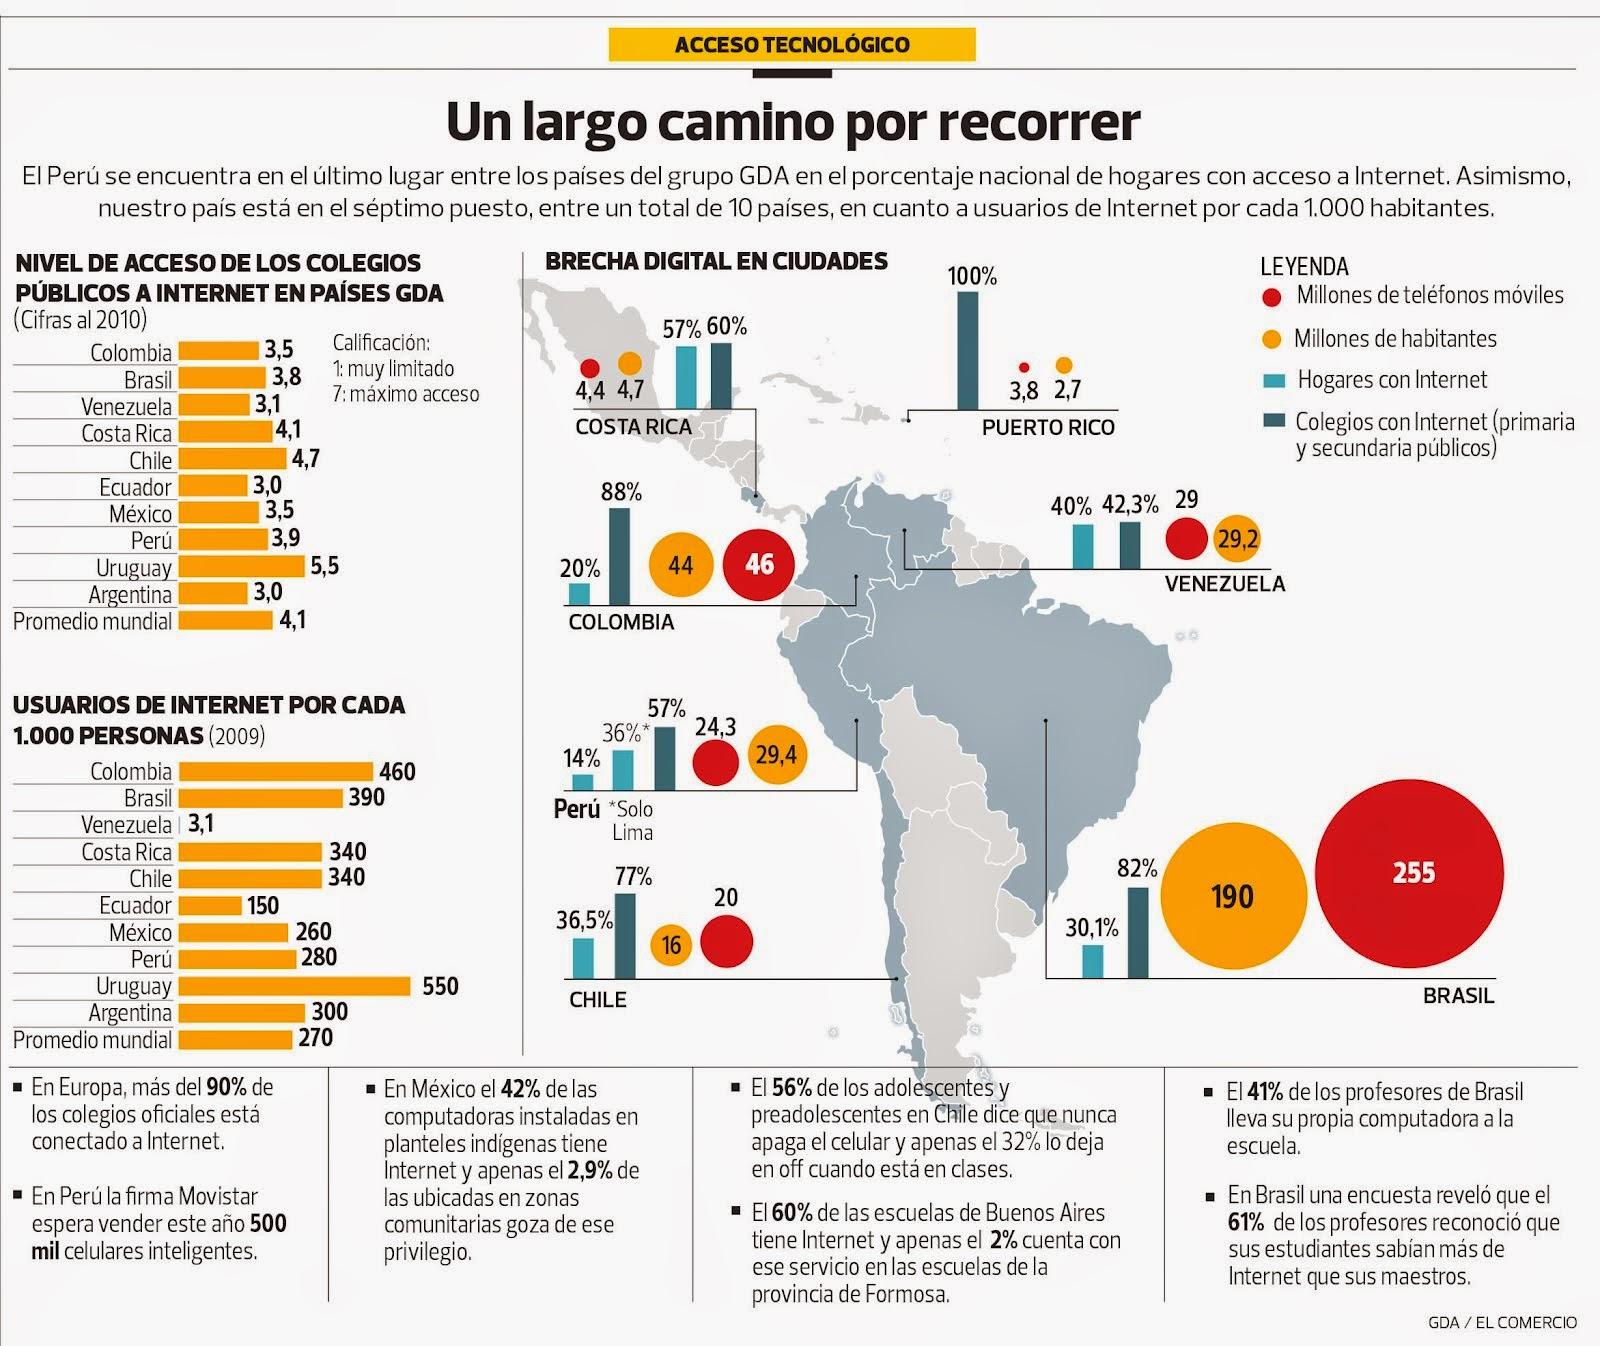 Comunicaci n multimedia 2015 la brecha digital en el for Bankia acceso oficina internet empresas